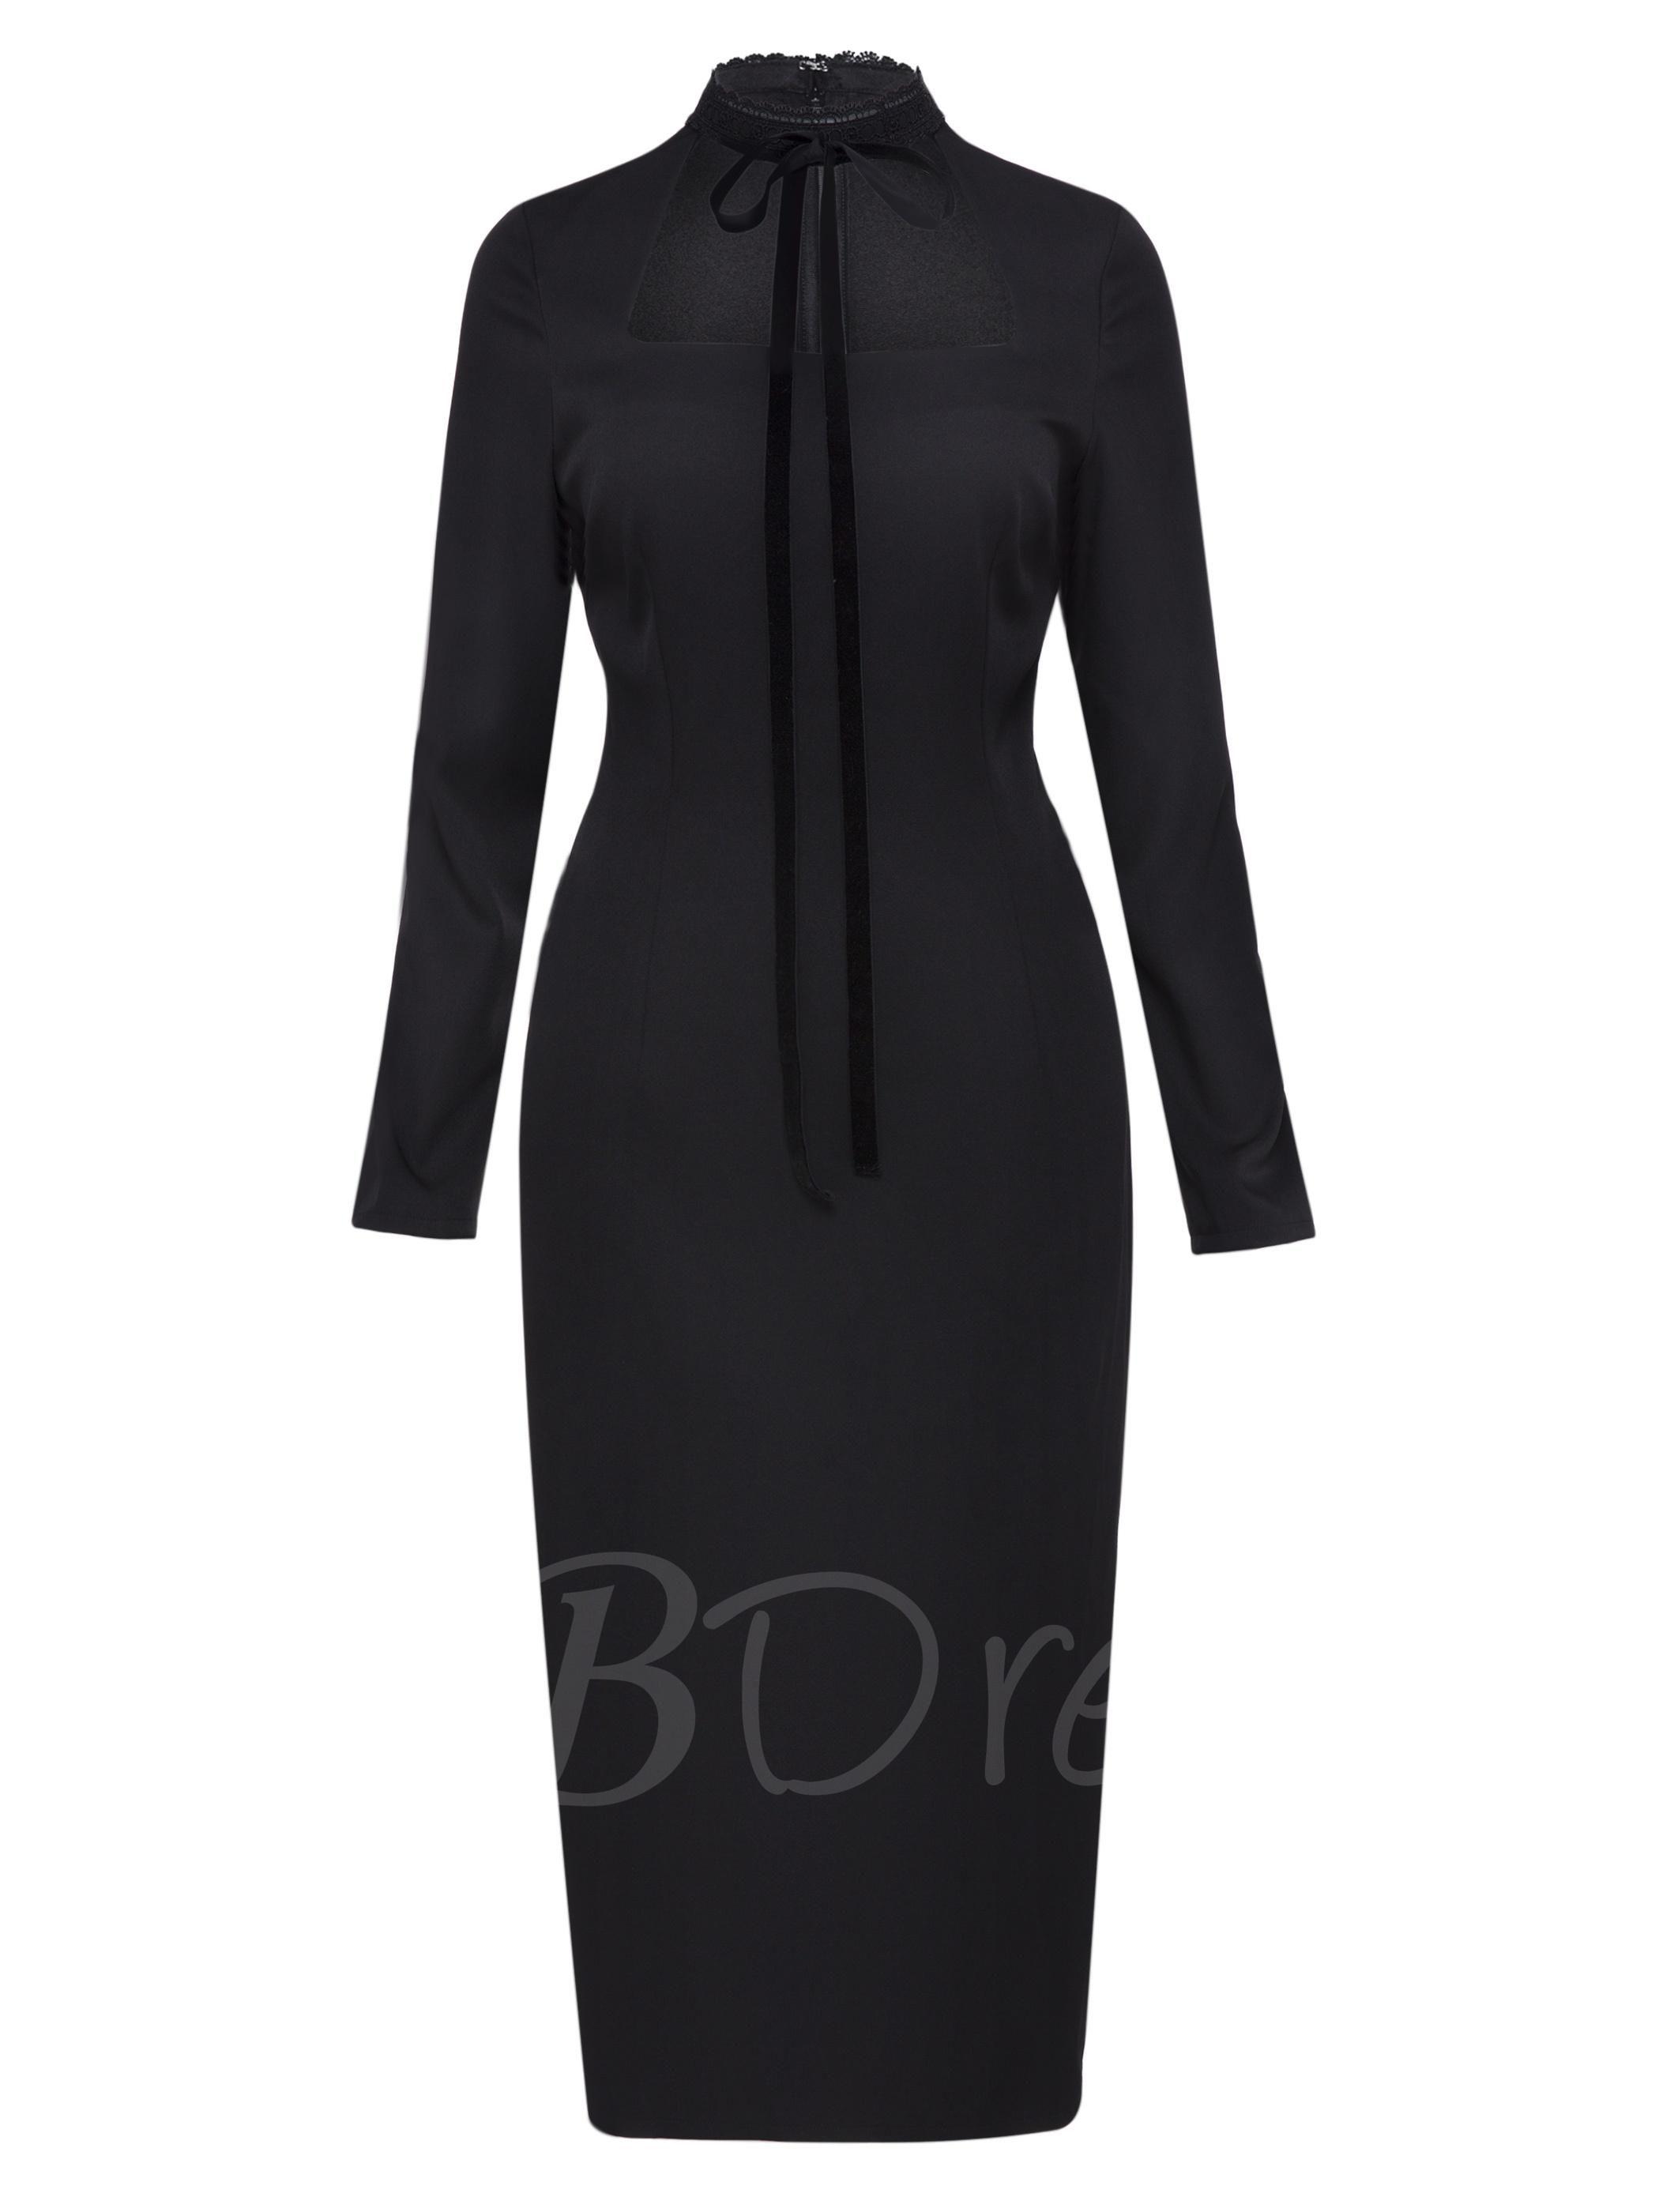 Tbdress tbdress black tie neck long sleeve womens sheath dress